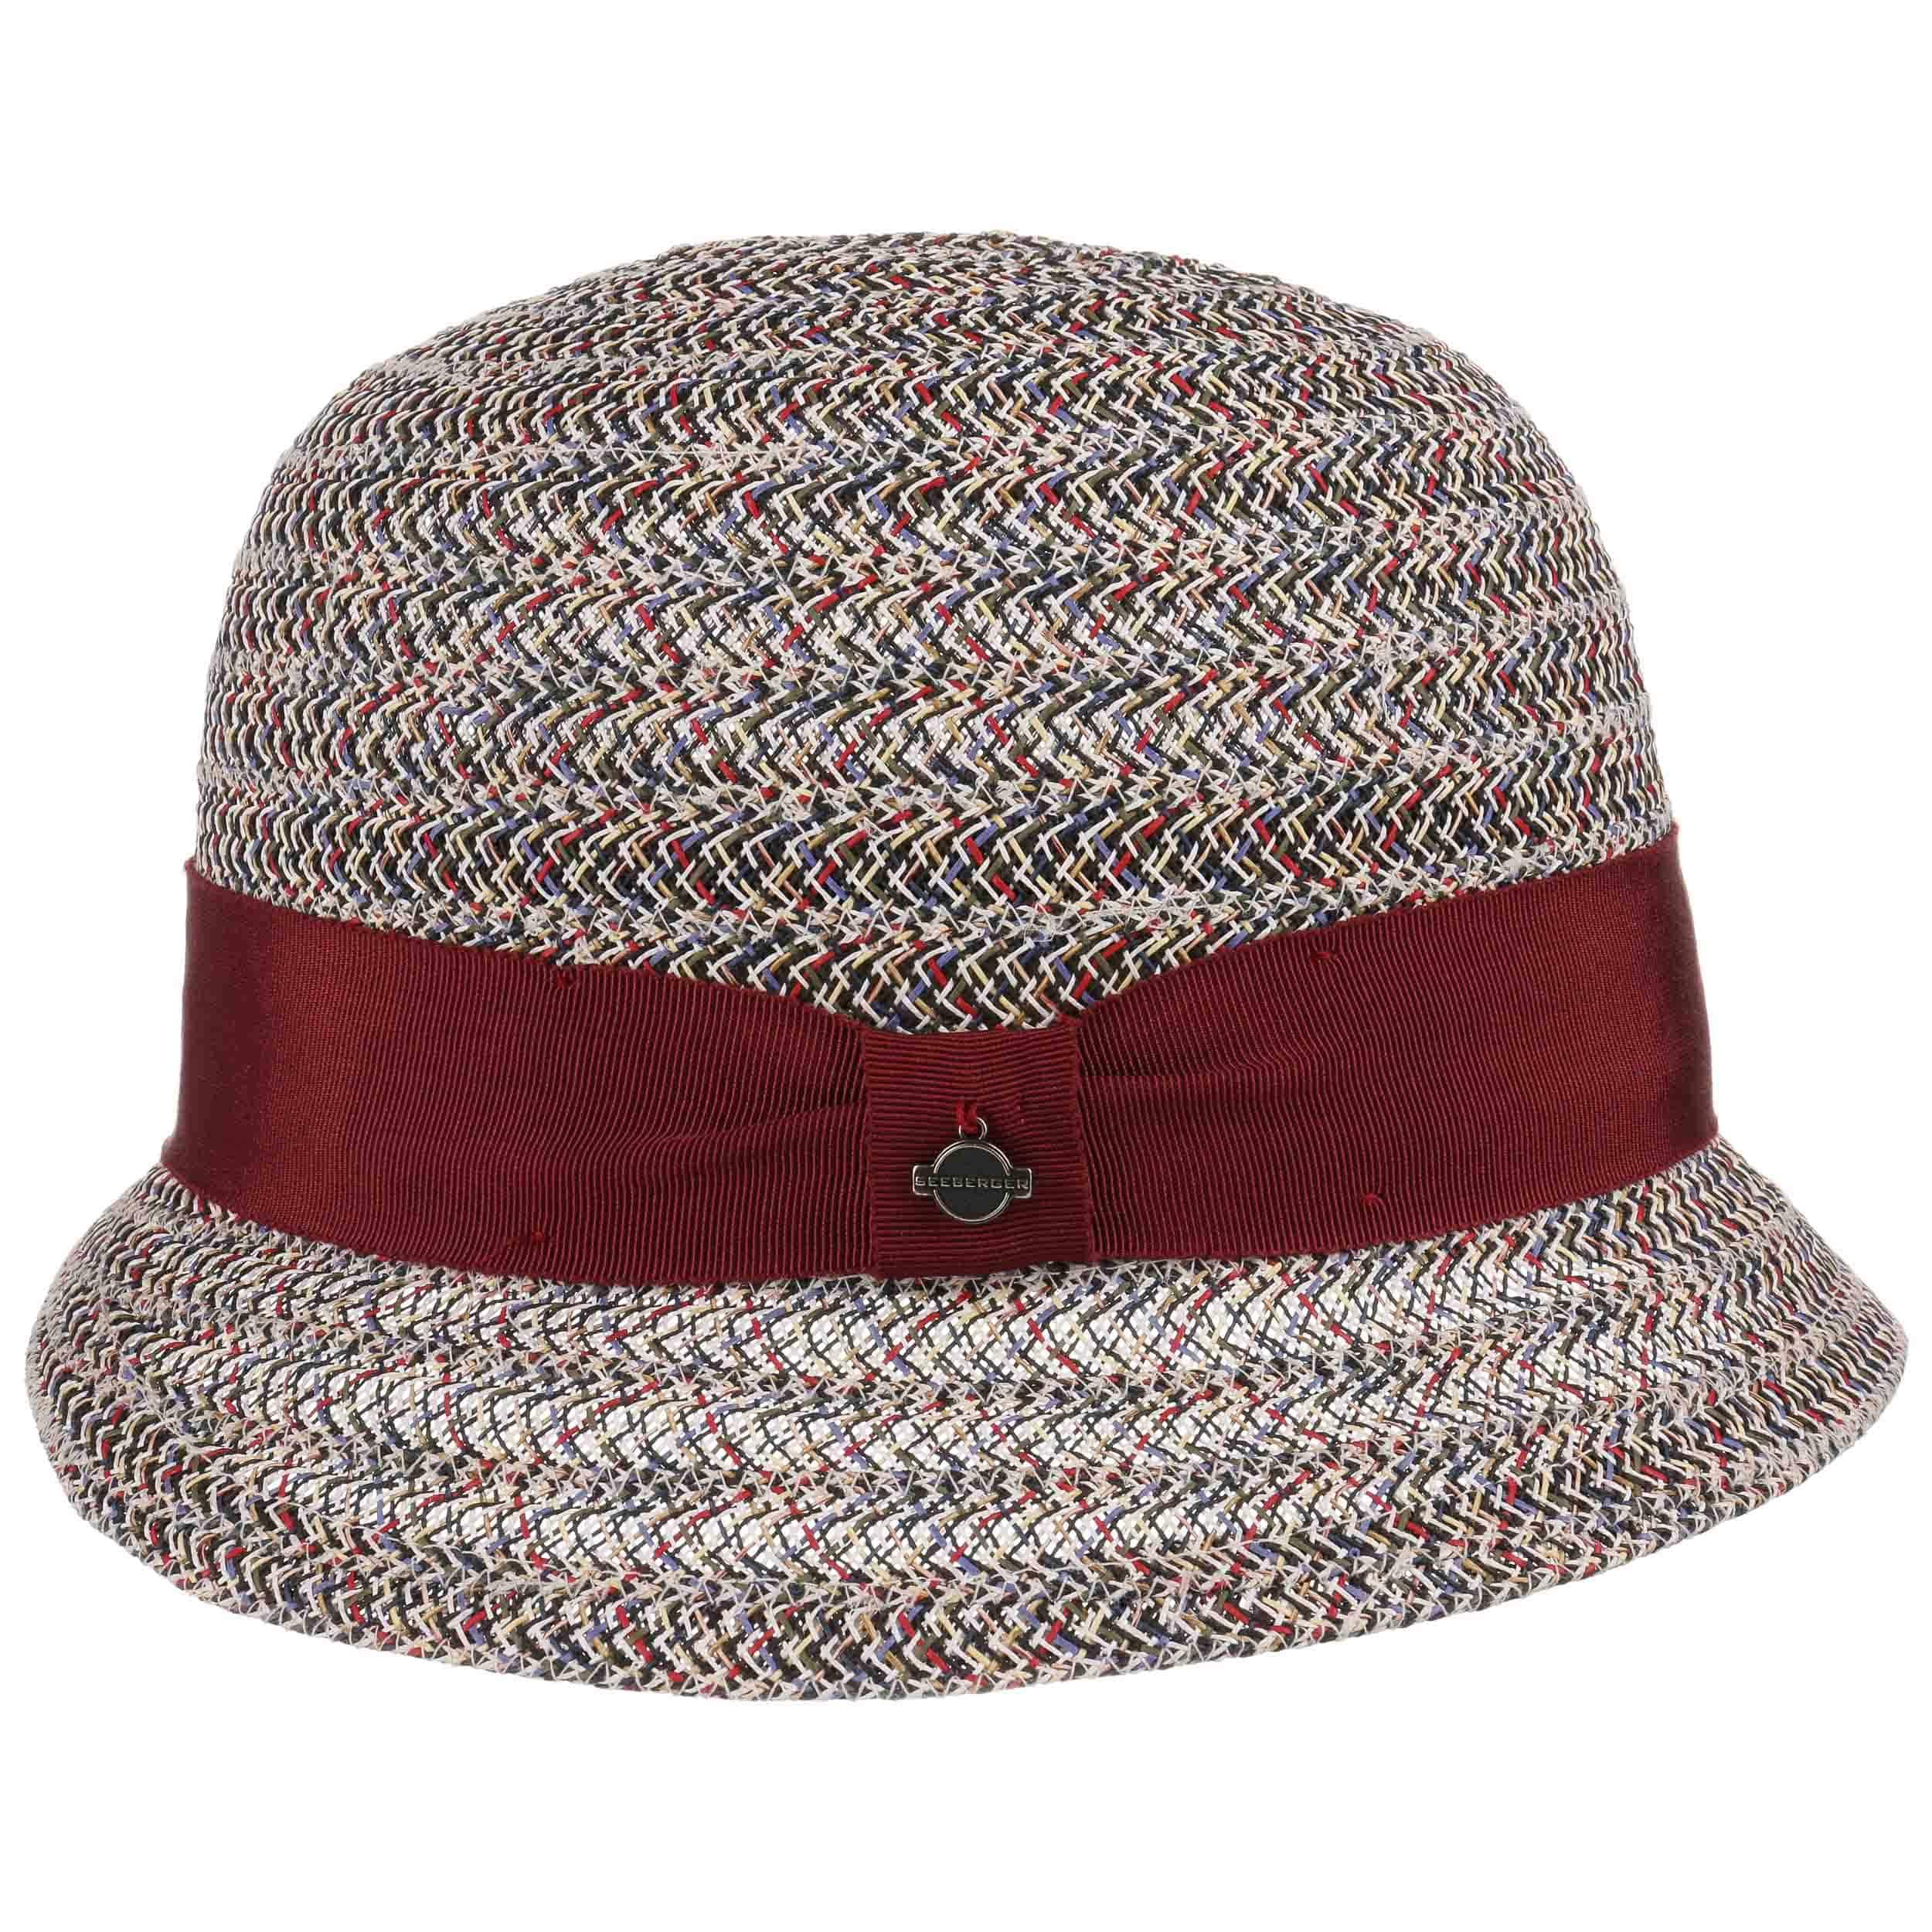 7cbe021fe5243 Sombrero Cloché Multicolour by Seeberger - Sombreros - sombreroshop.es